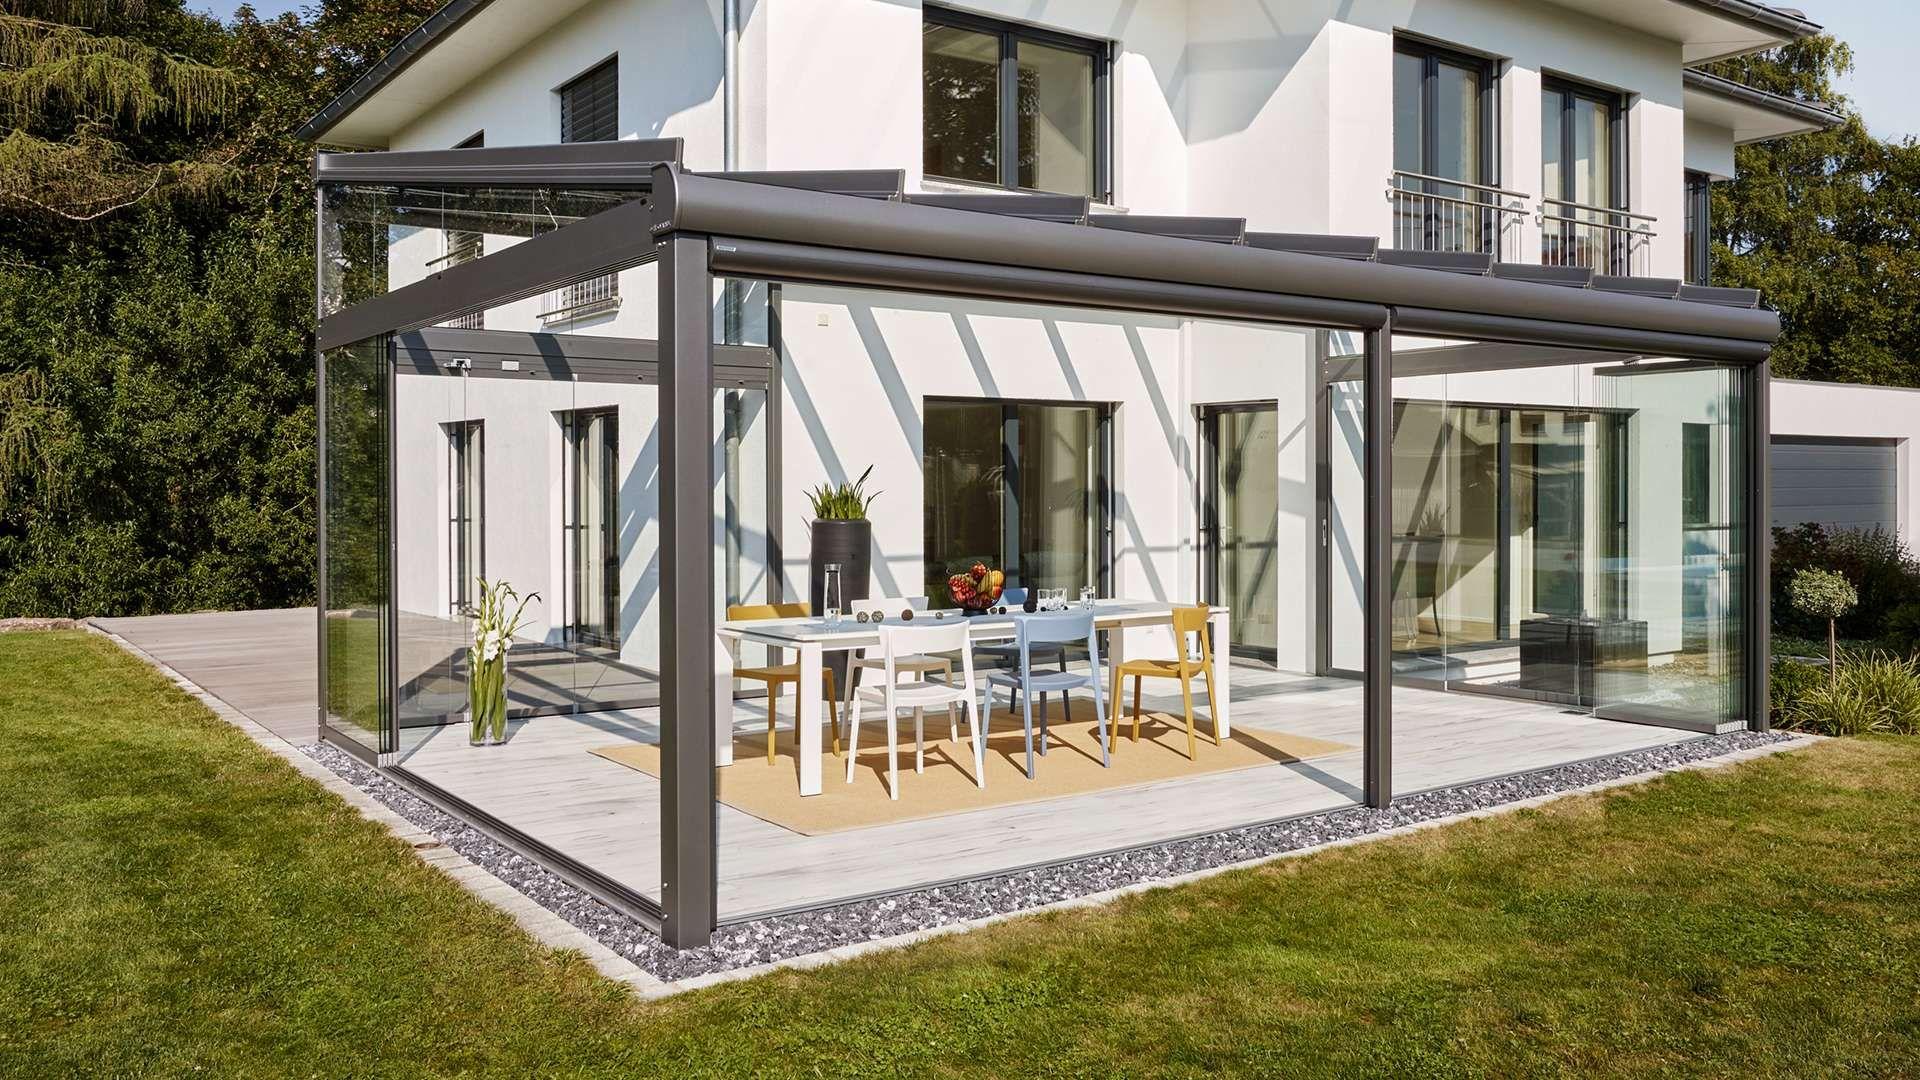 SDL Atrium plus Glashaus an einem Wohnhaus mit Garten